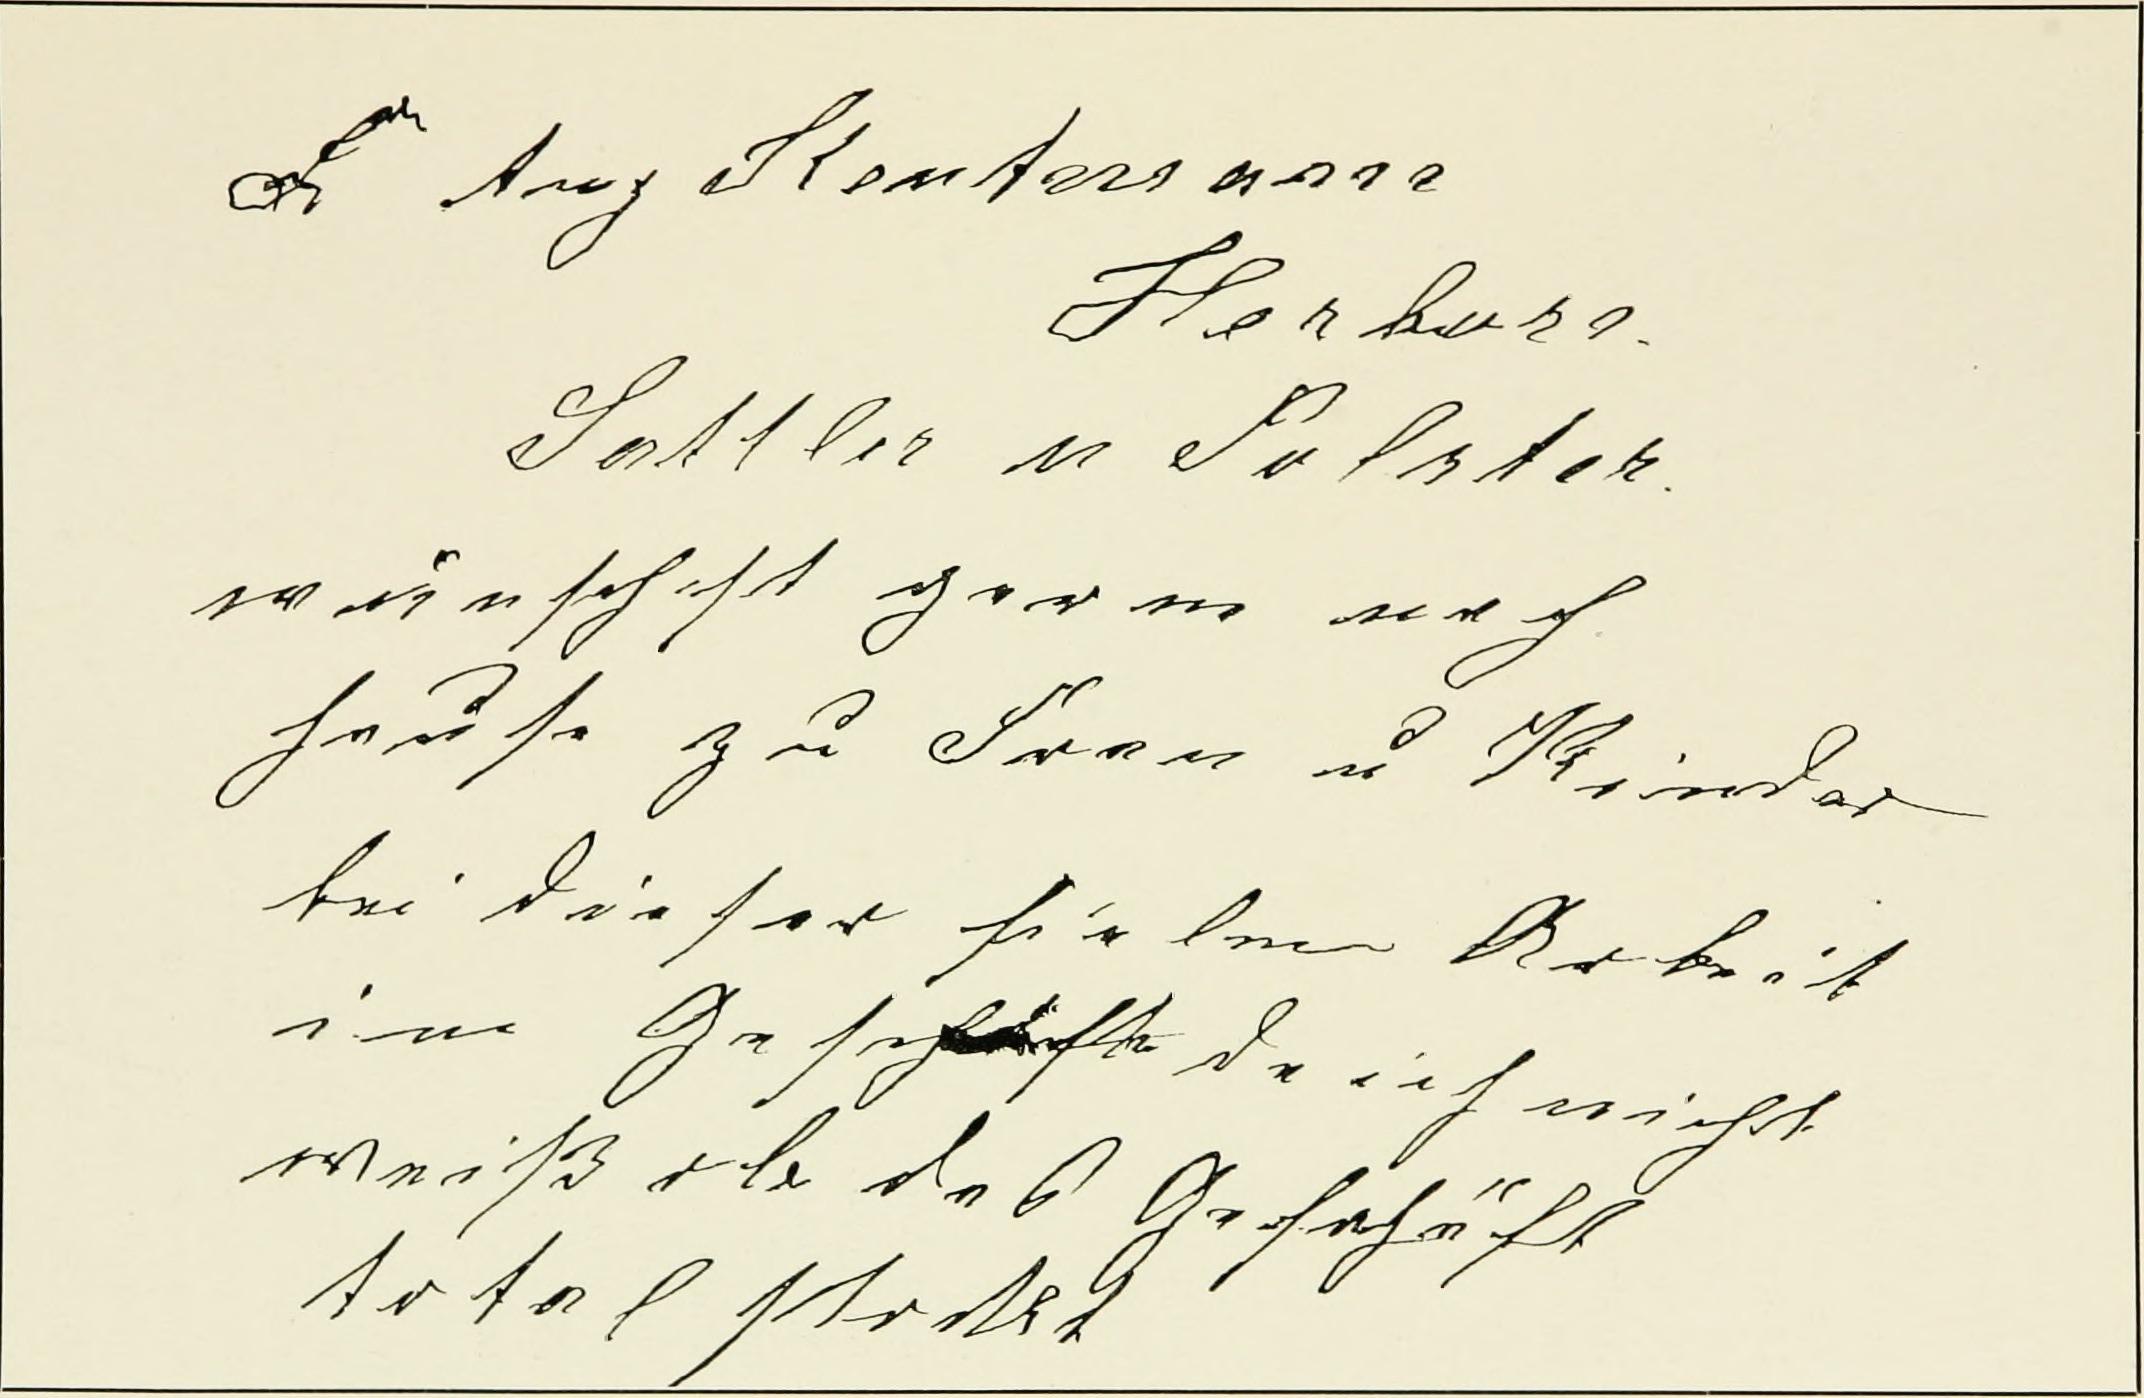 File:Die Schrift bei Geisteskrankheiten; eine Atlas mit 81 Handschriftproben (1903) (